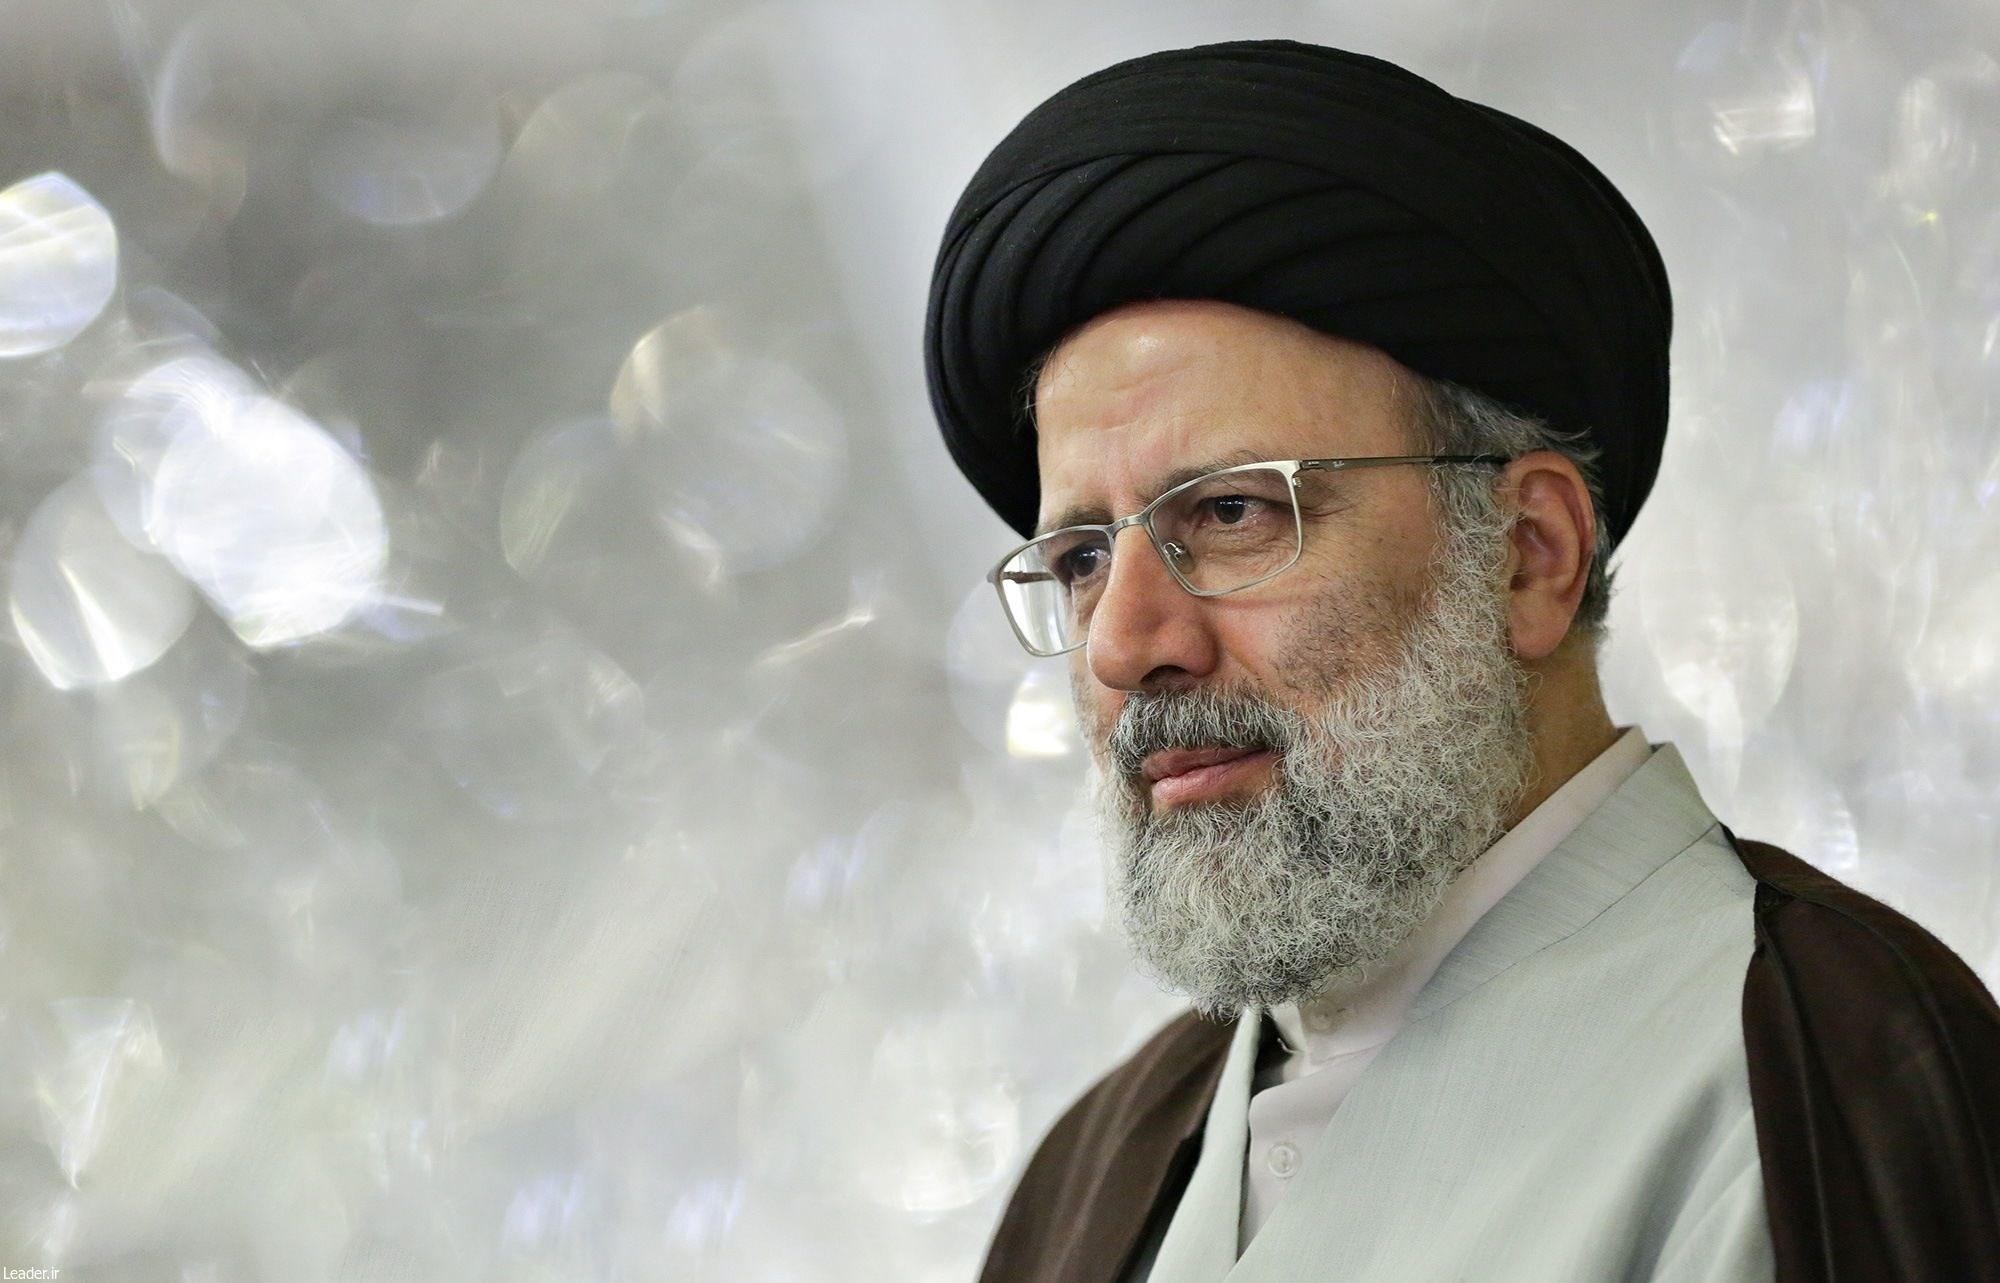 رئيس السلطة القضائية في إيران آية الله السيد ابراهيم رئيسي (صورة أرشيفية).